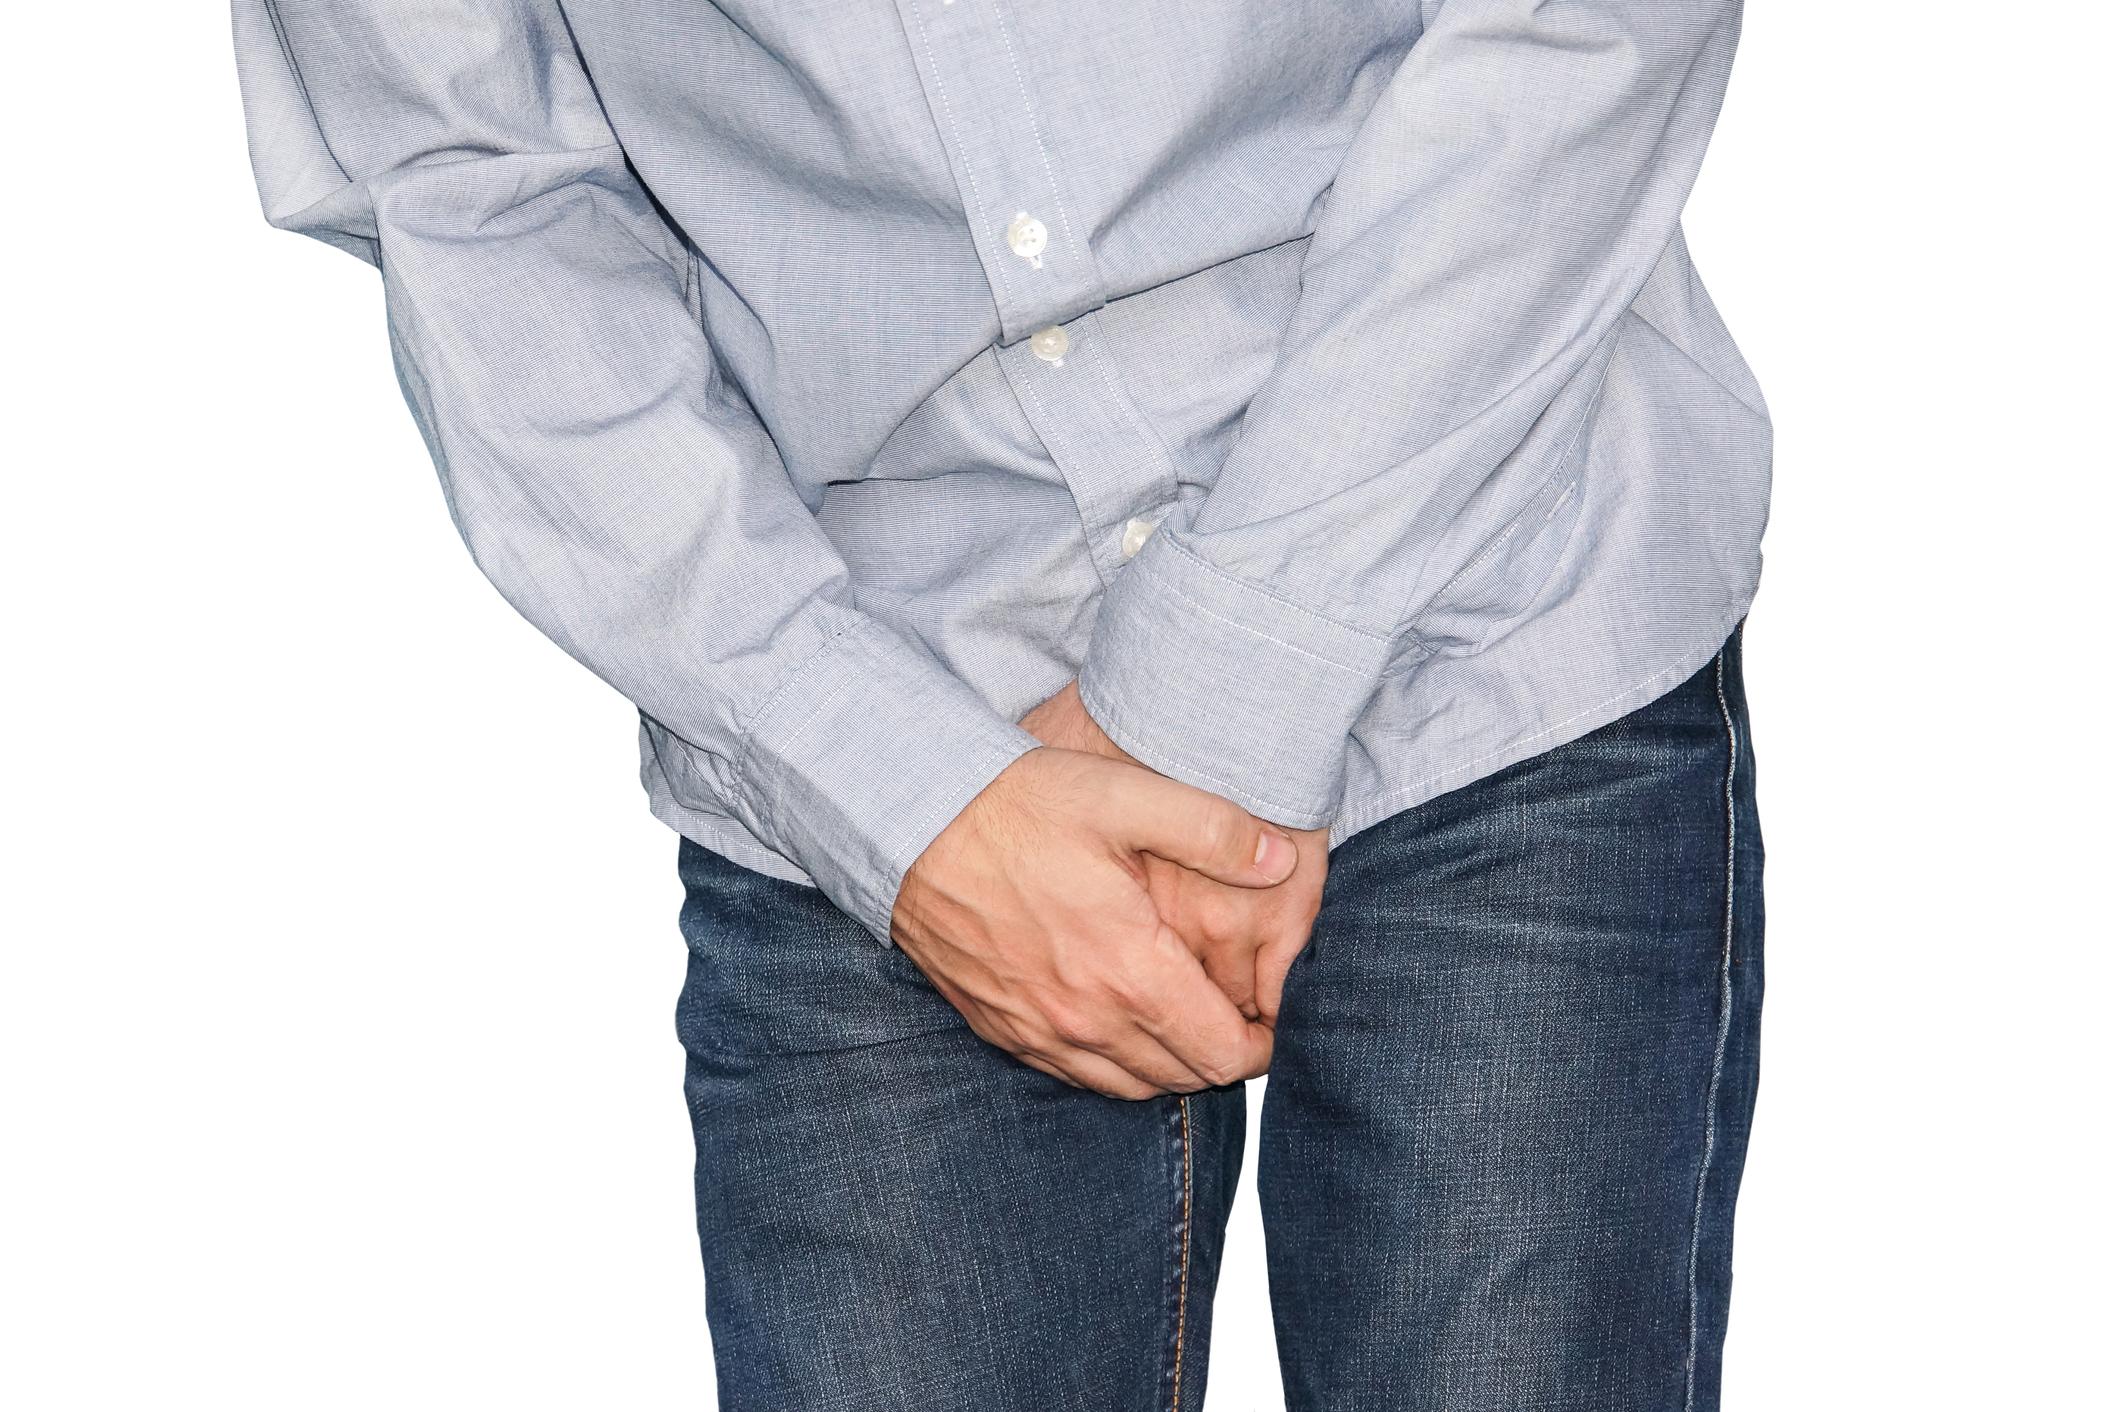 Súlyos szex-balesetek – Csak óvatosan a szenvedély hevében! | Well&fit